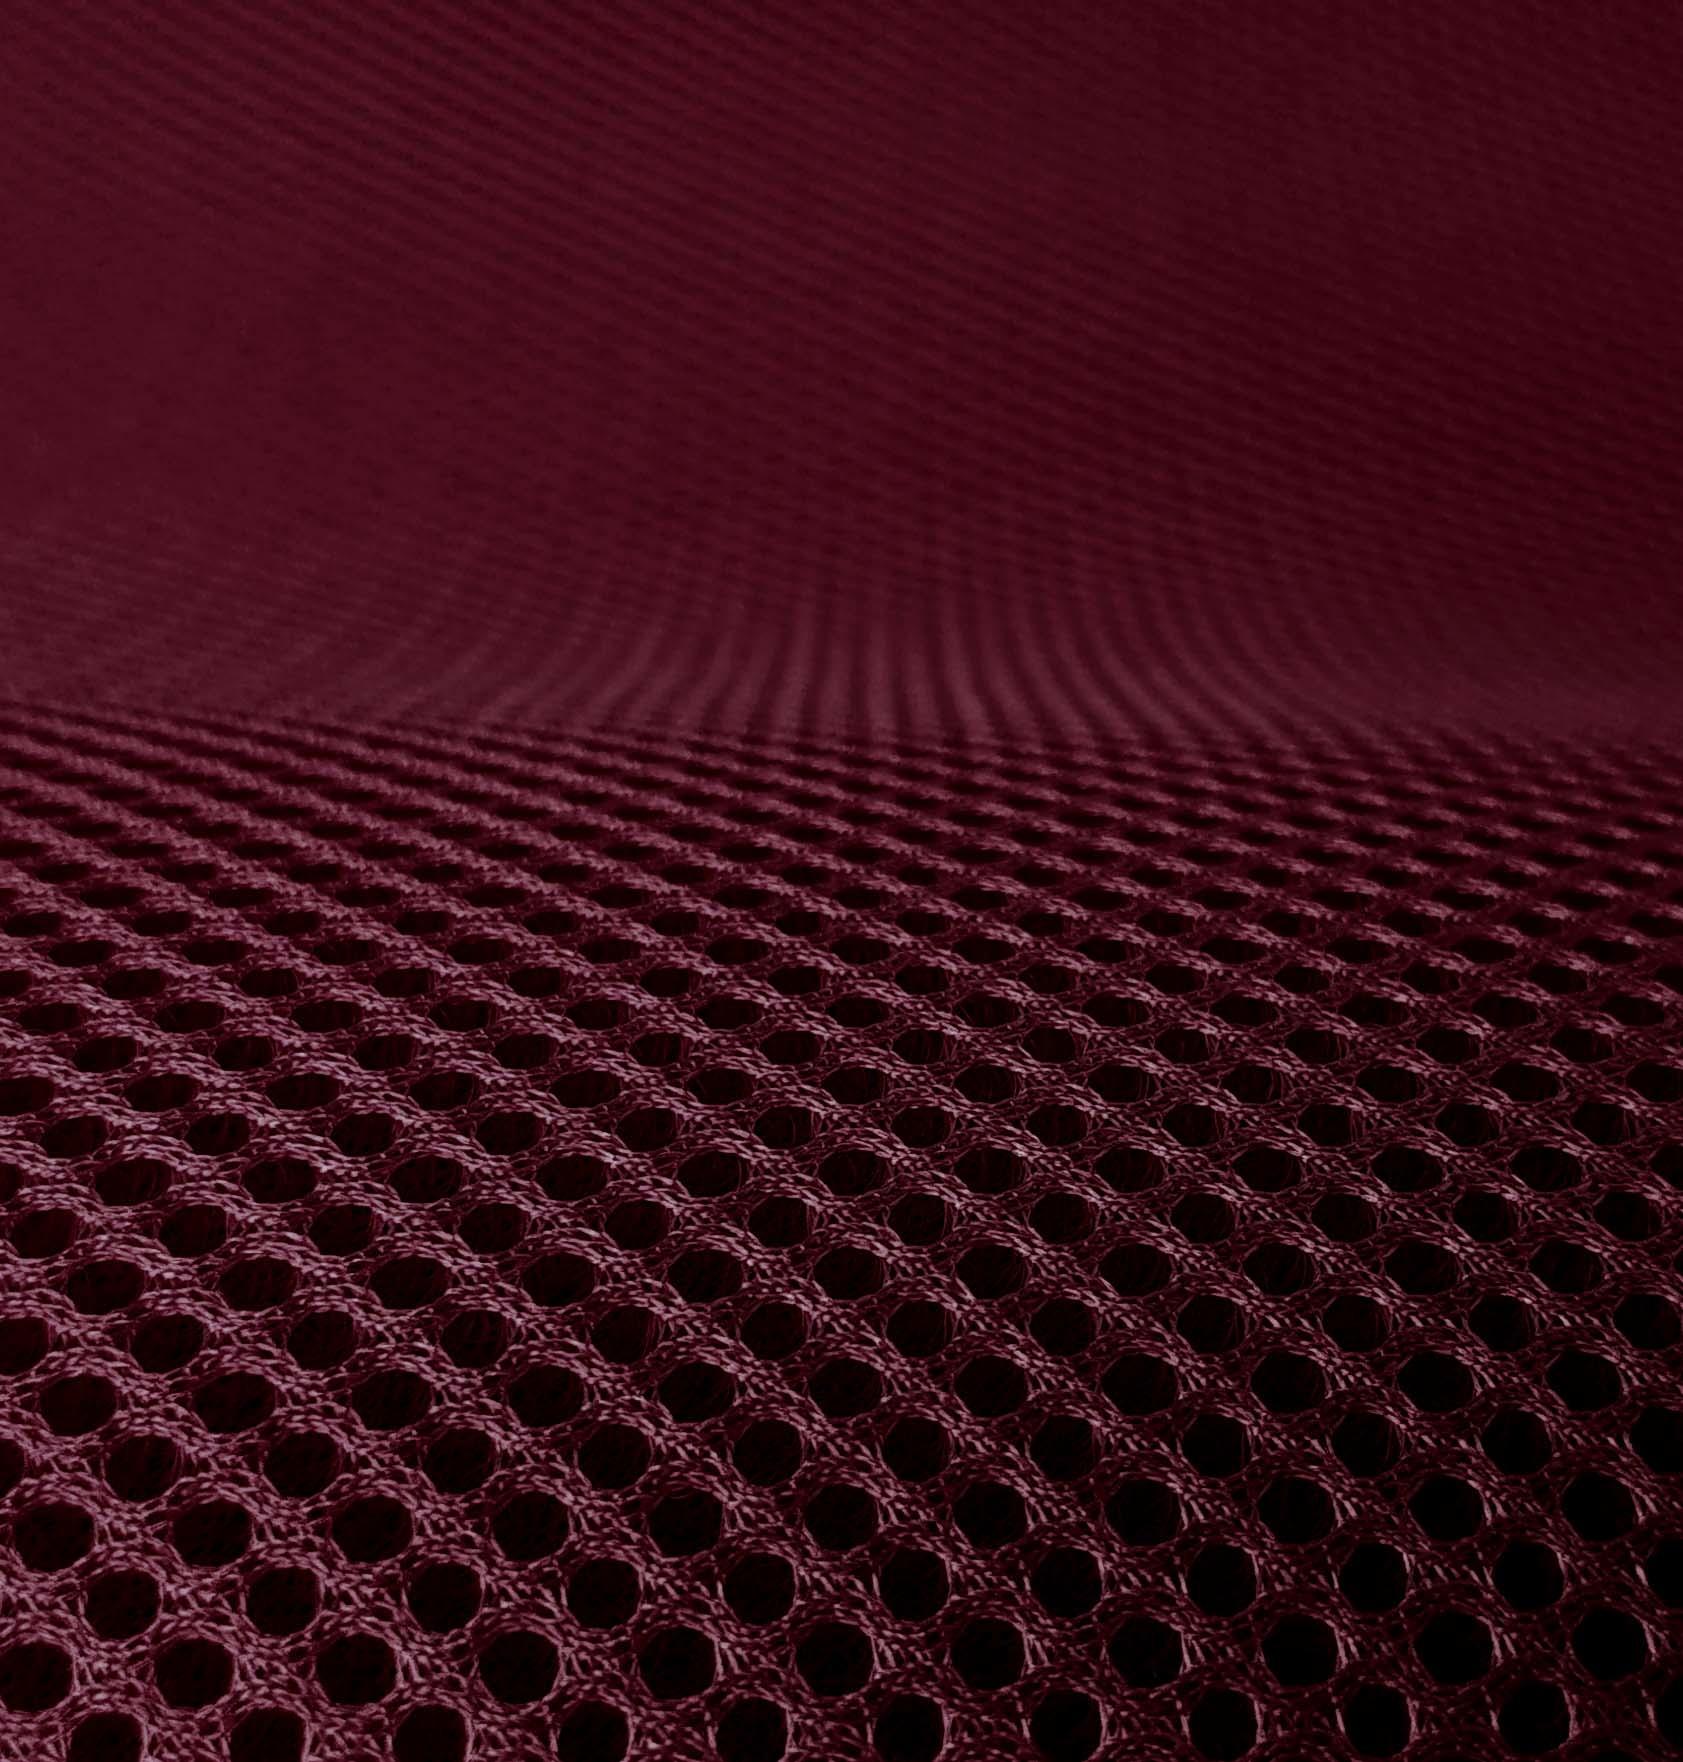 3D Airmesh Bordeaux 4mm / 1,00m length x 1,60m width